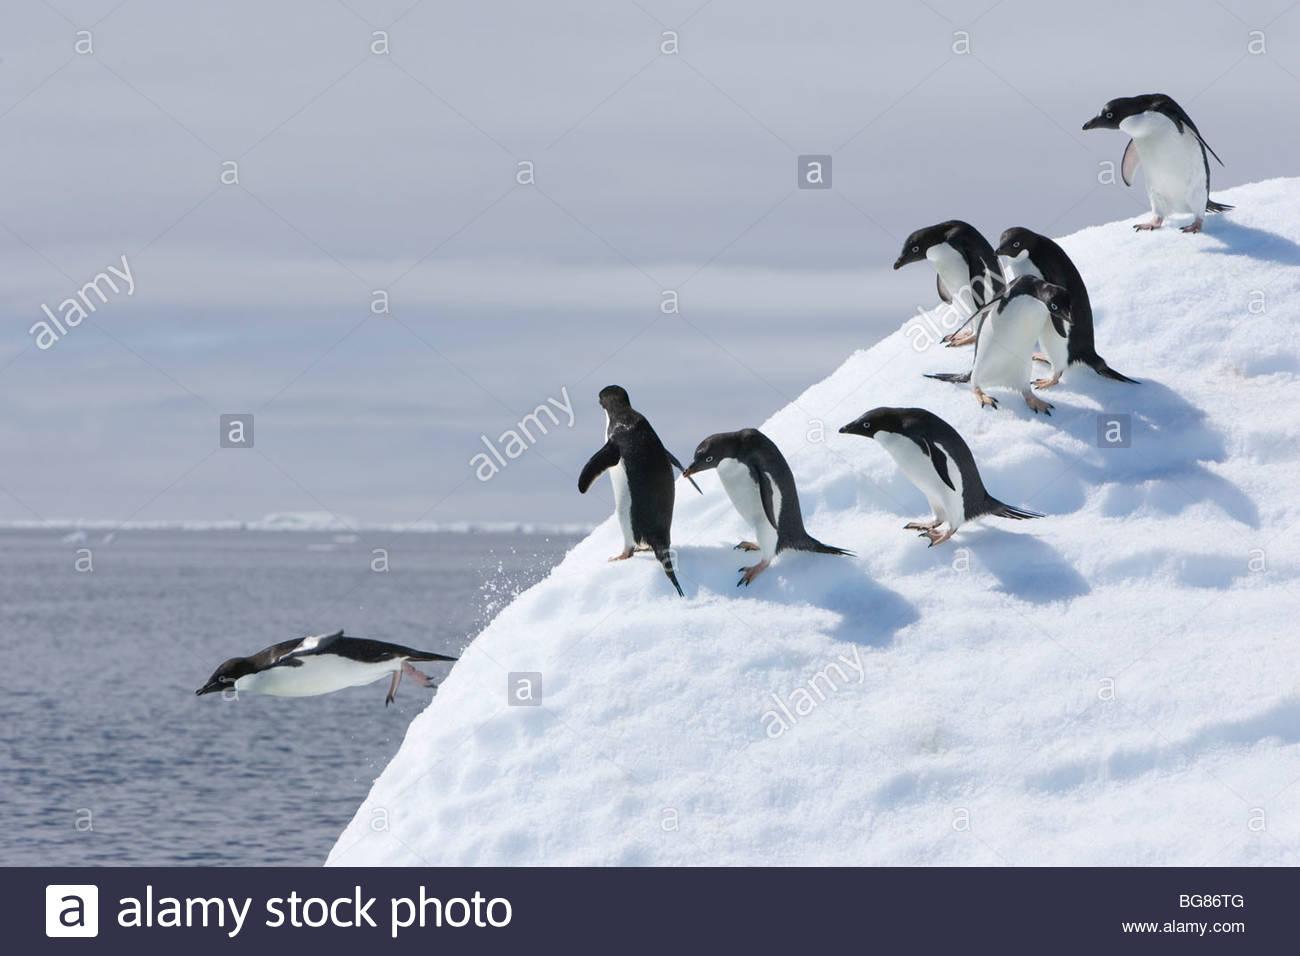 Un gruppo di pinguini adelie seguire il leader e salta fuori un iceberg uno dopo l'altro Immagini Stock